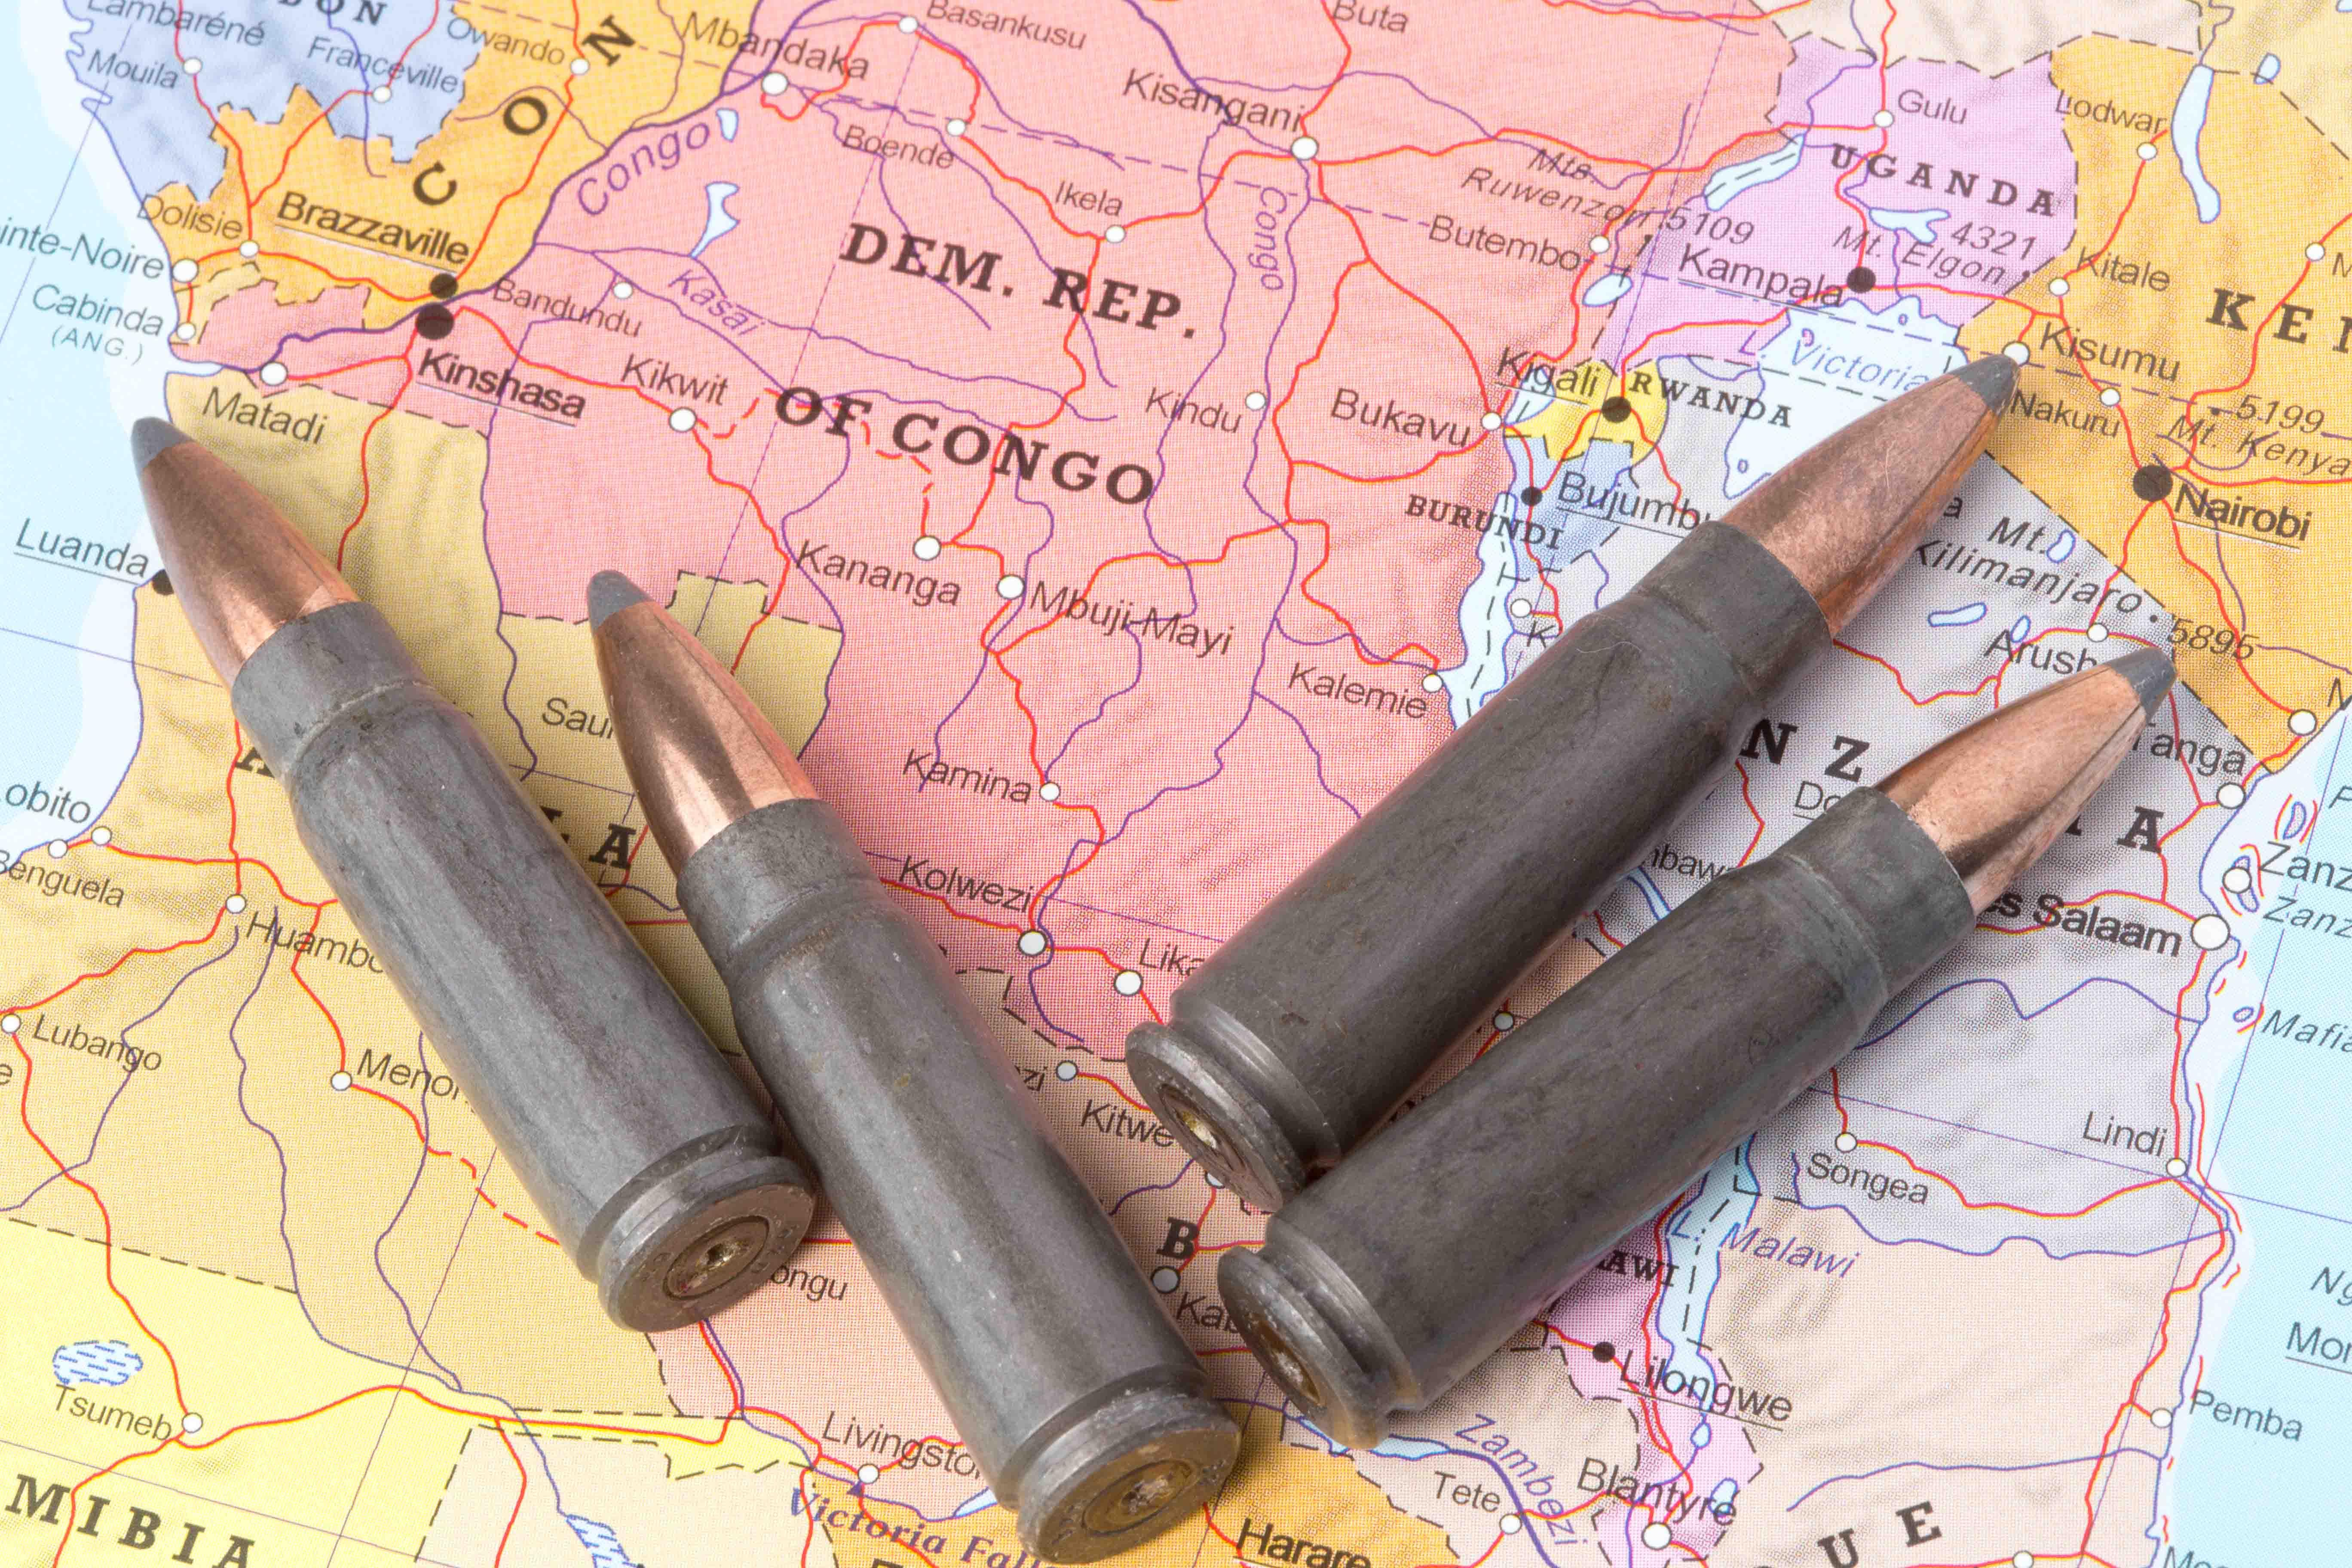 Konflikt und Gewalt im Kongo.